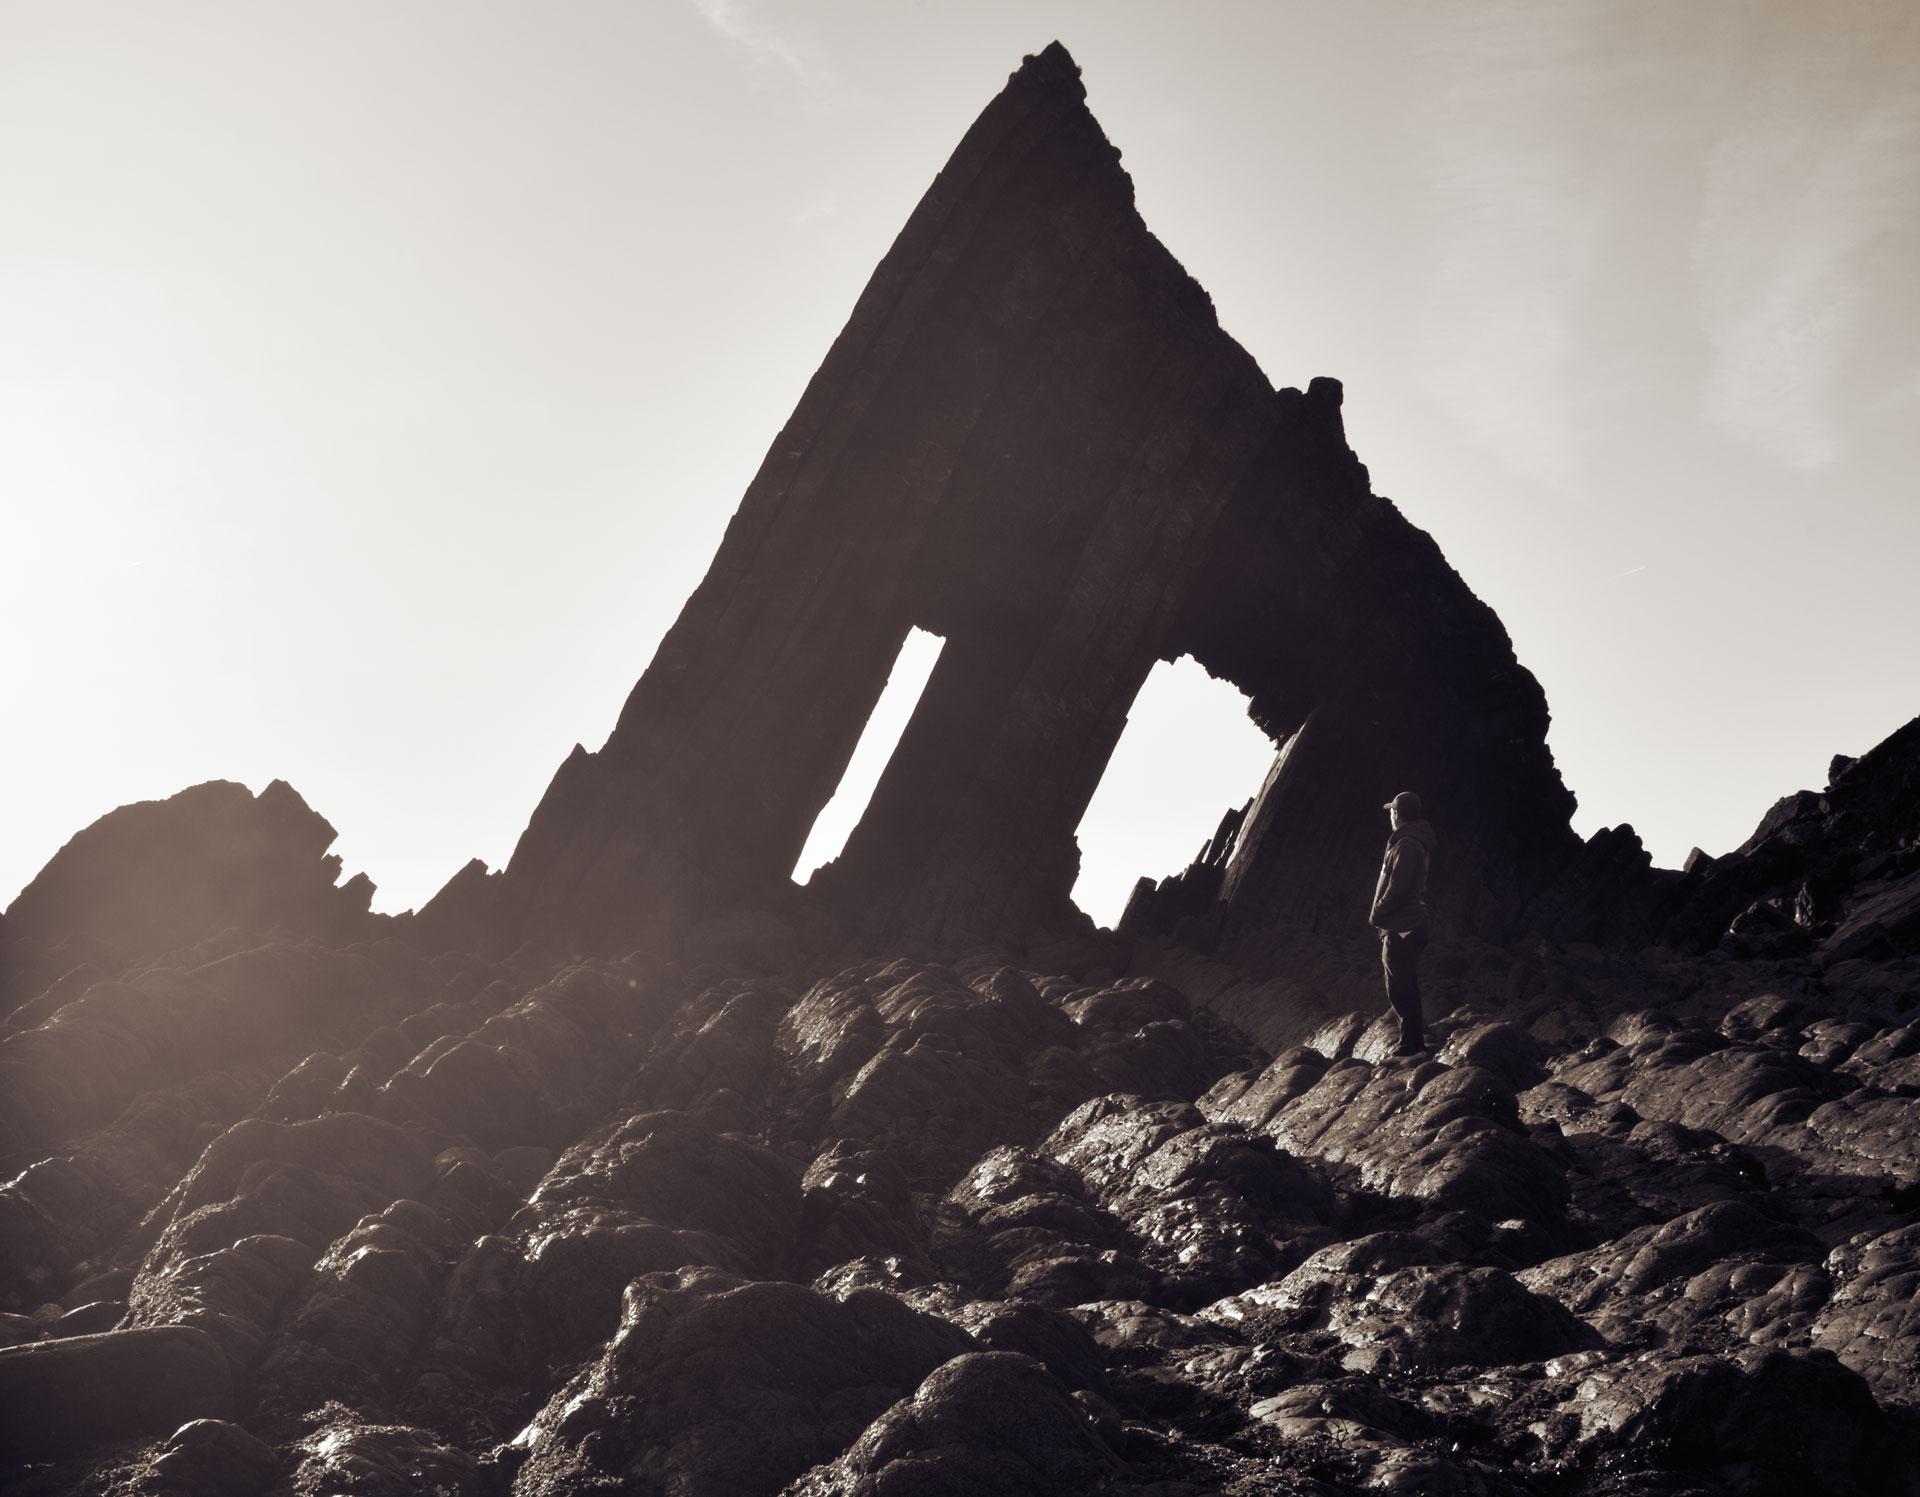 Blackchurch Rock. Mouthmill U.K.